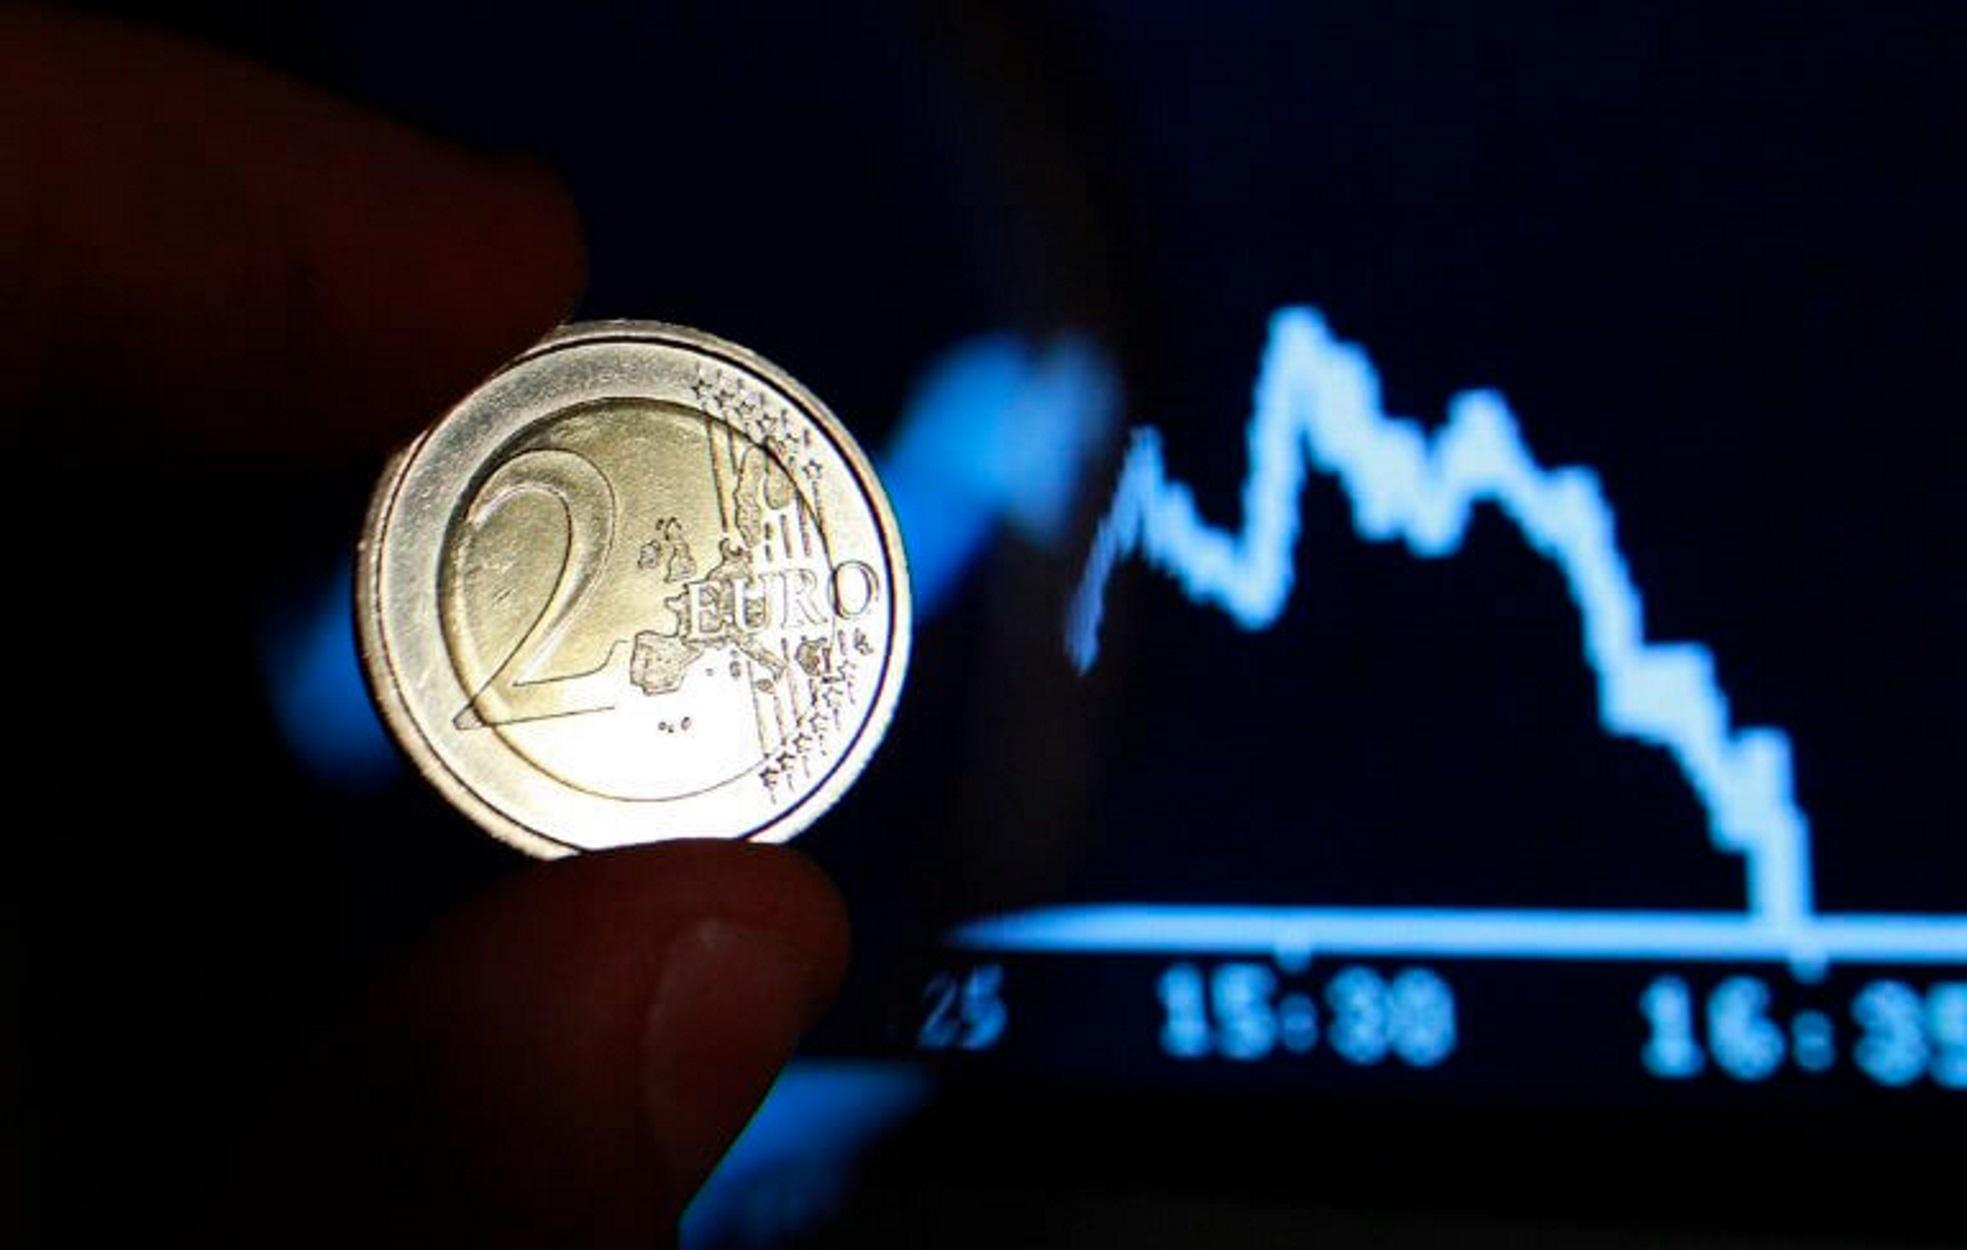 Σε θετικό κλίμα η νέα έξοδος στις αγορές για 1,5 δισ. ευρώ